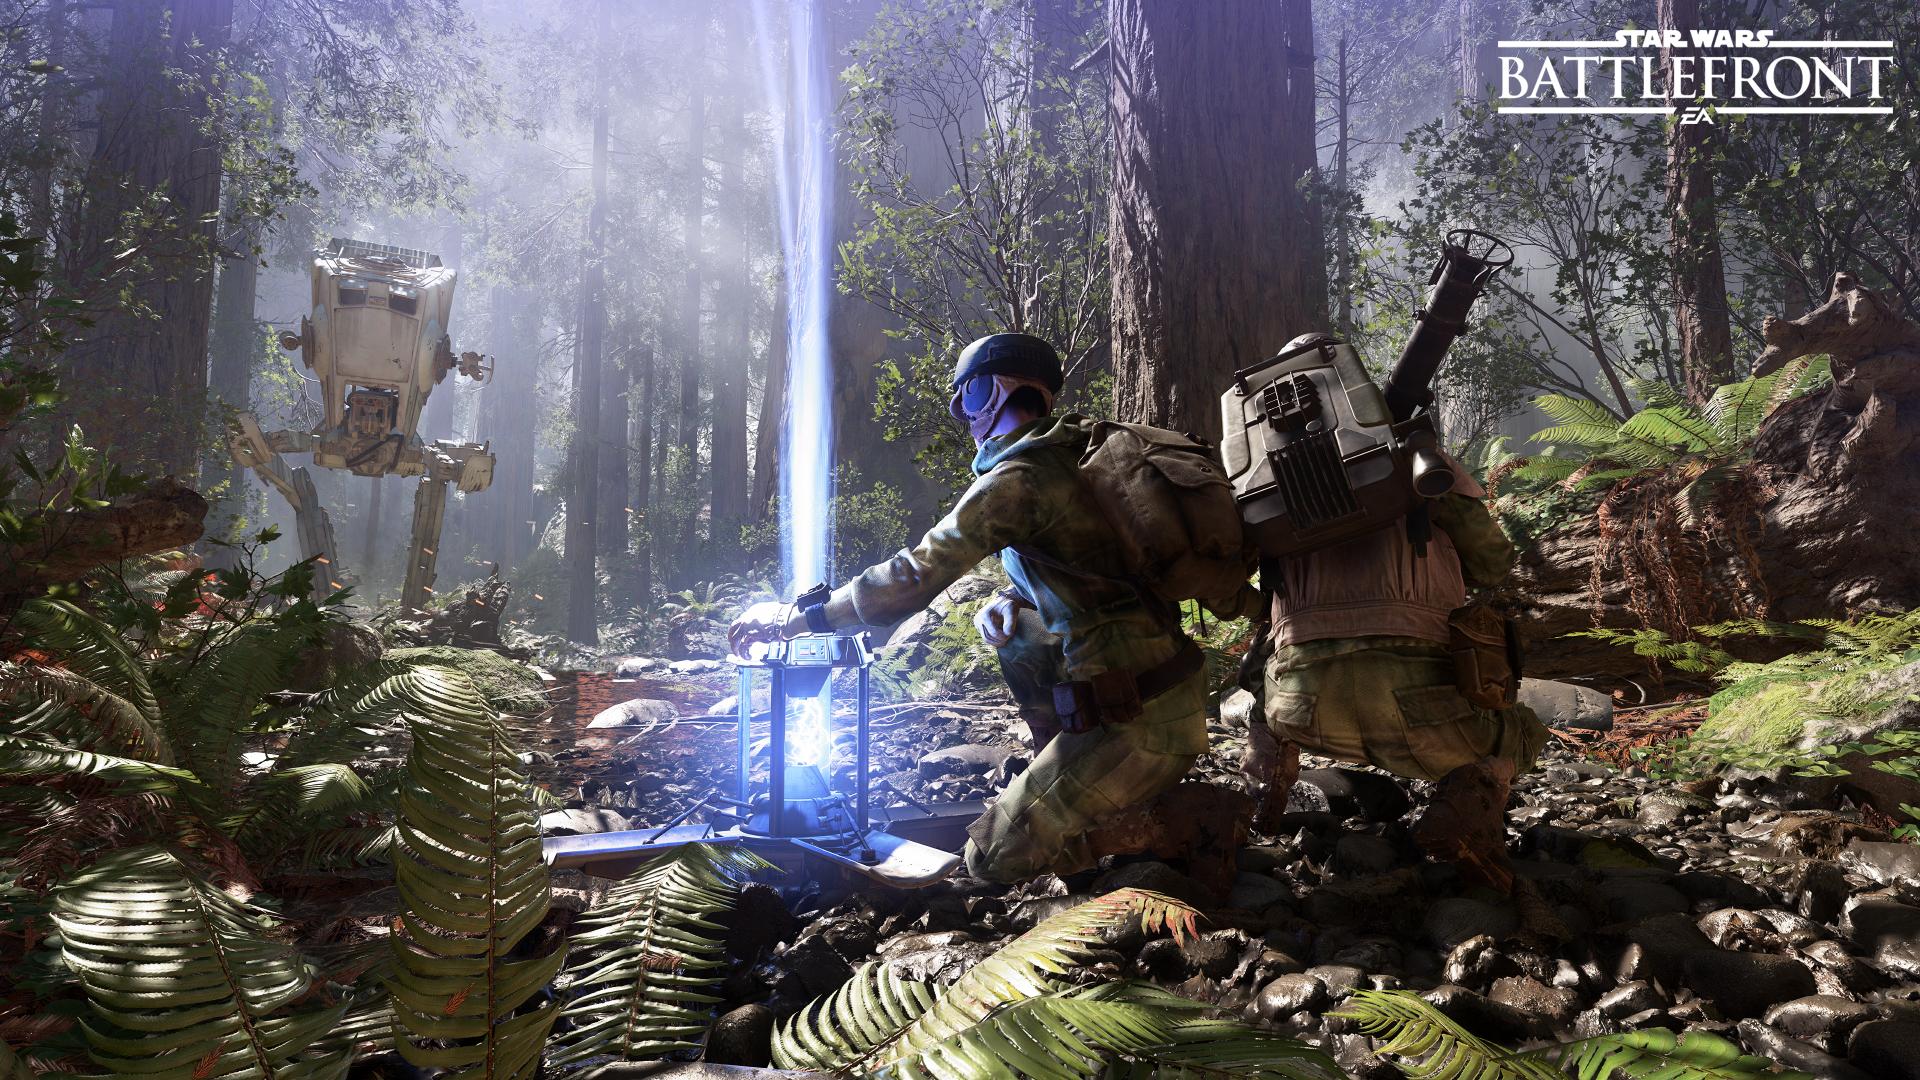 Star Wars: Battlefront v prvních detailech a v působivém traileru 108114